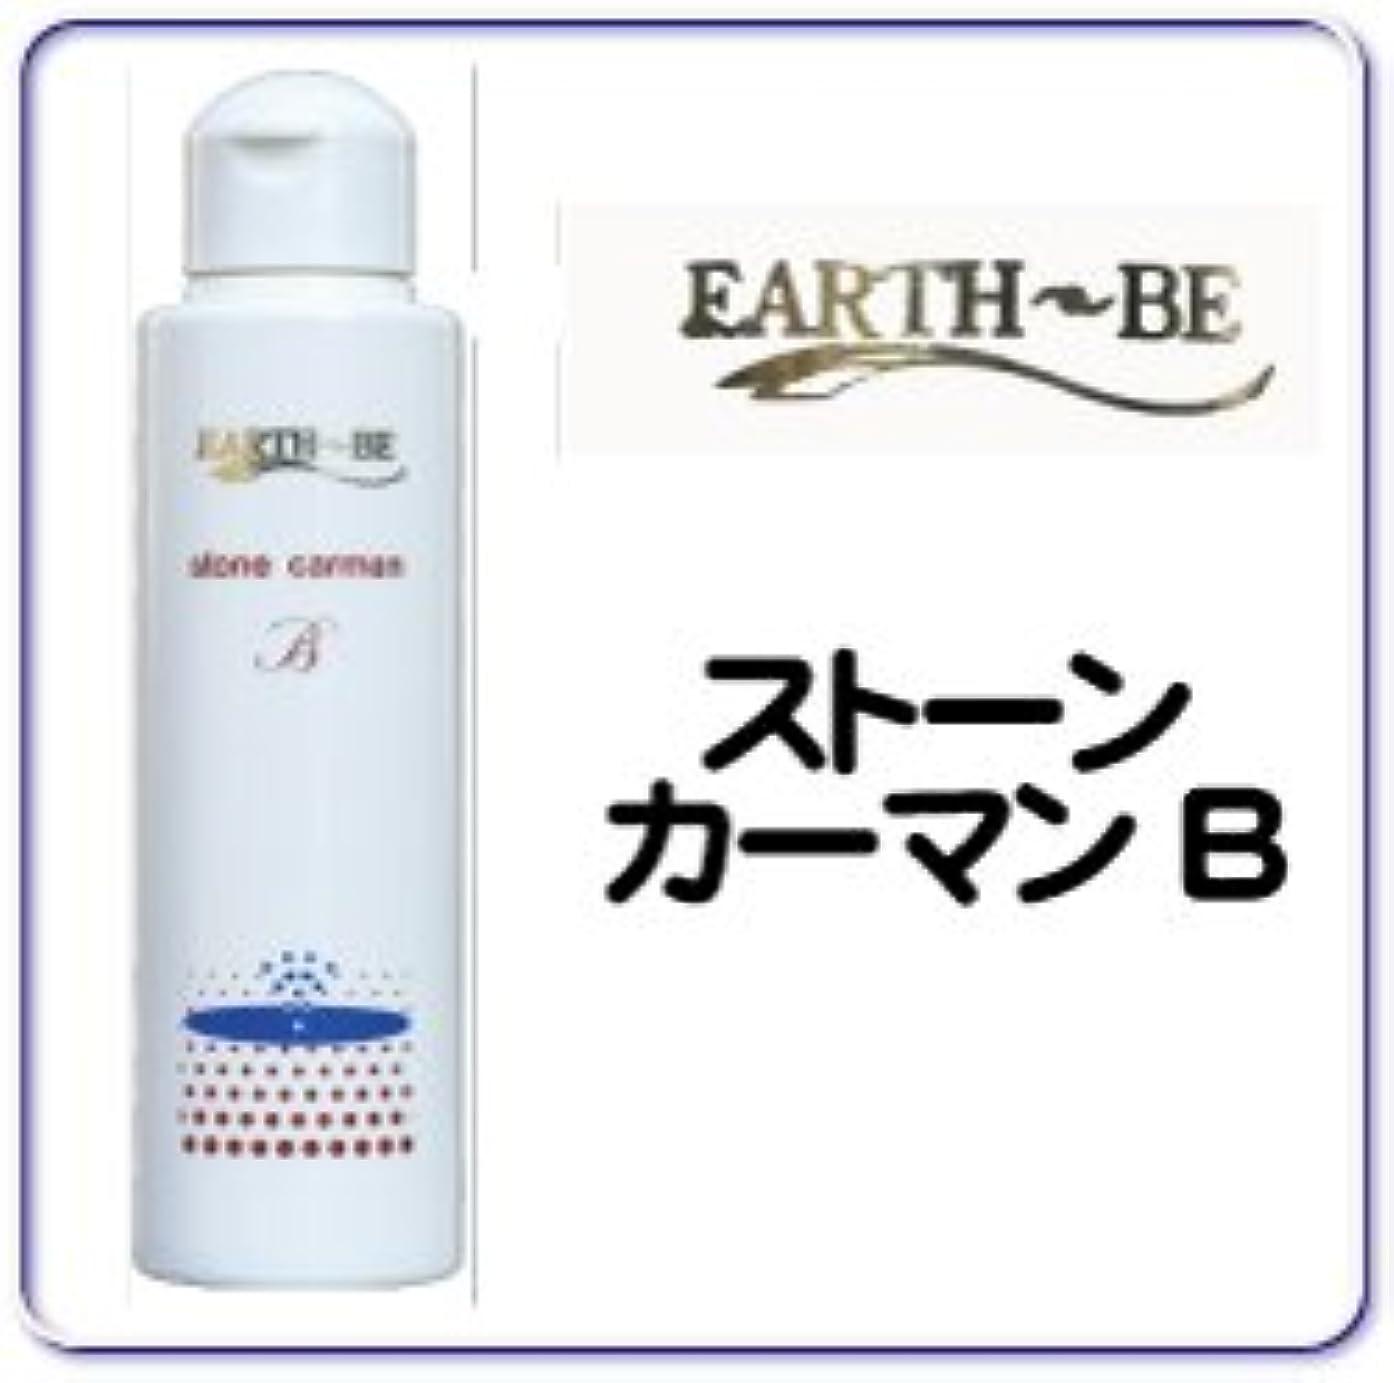 腫瘍シェルターケーキベルマン化粧品 EARTH-Bシリーズ  アースビ ストーン カーマンB  120ml 化粧水